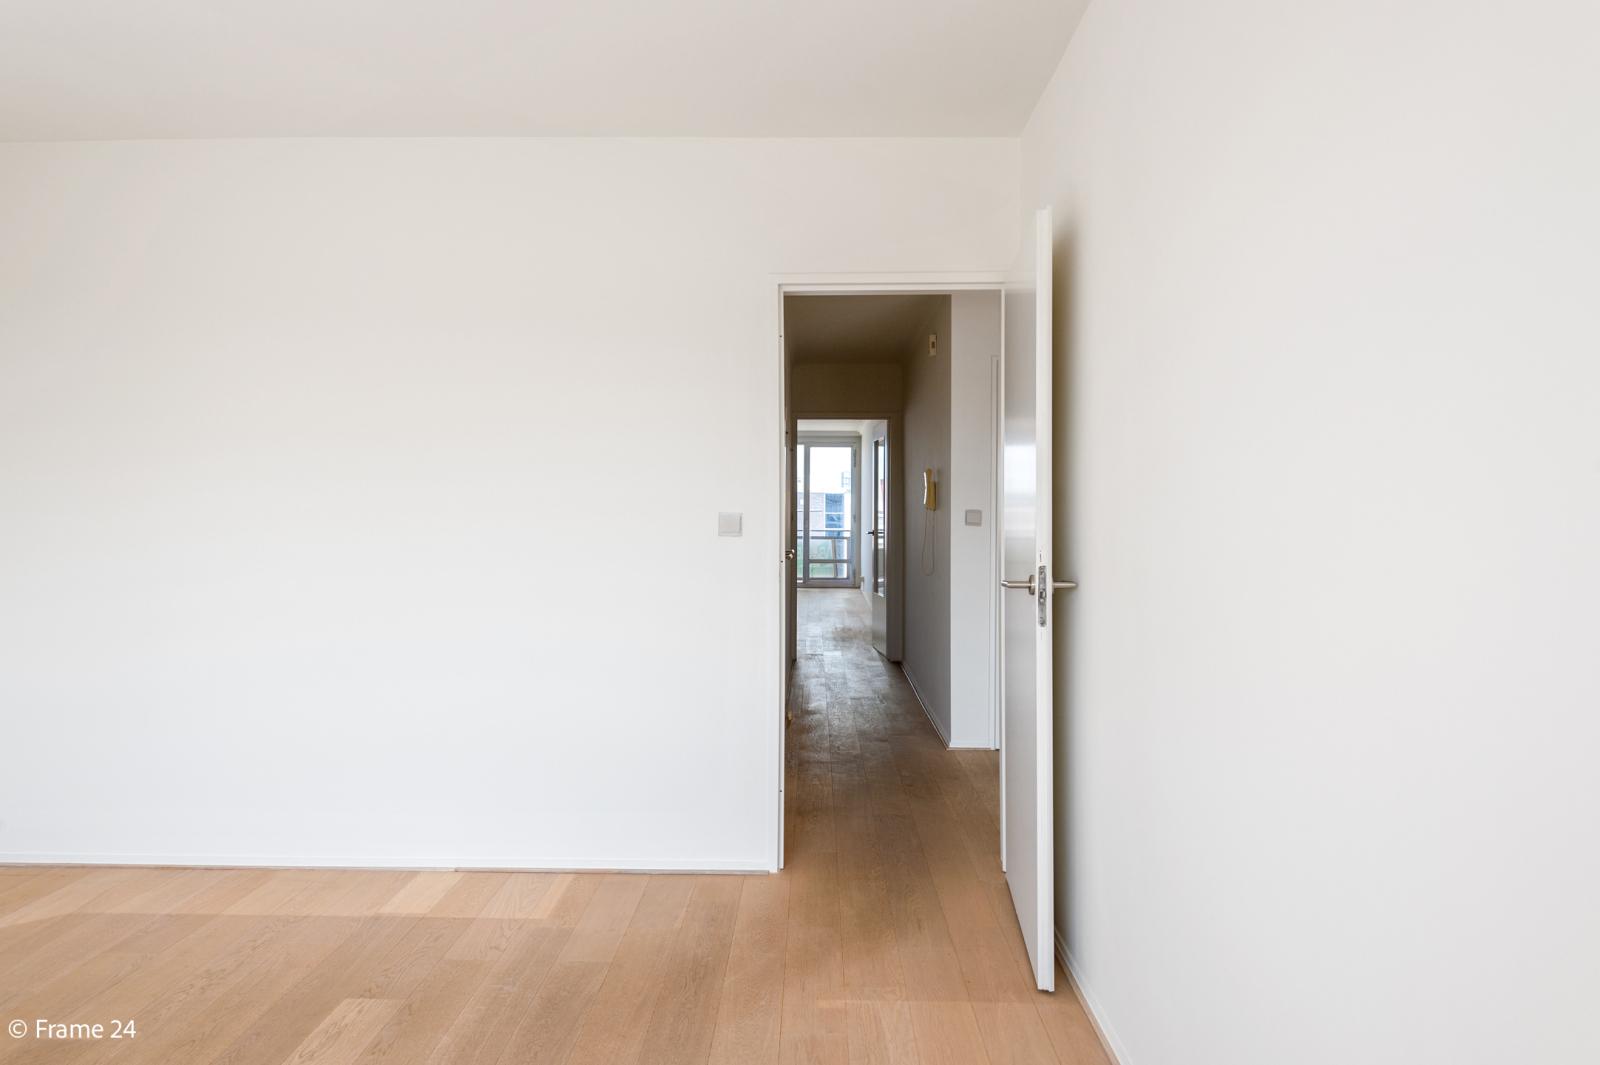 Vernieuwd appartement met twee slaapkamers op centrale locatie te Deurne! afbeelding 7